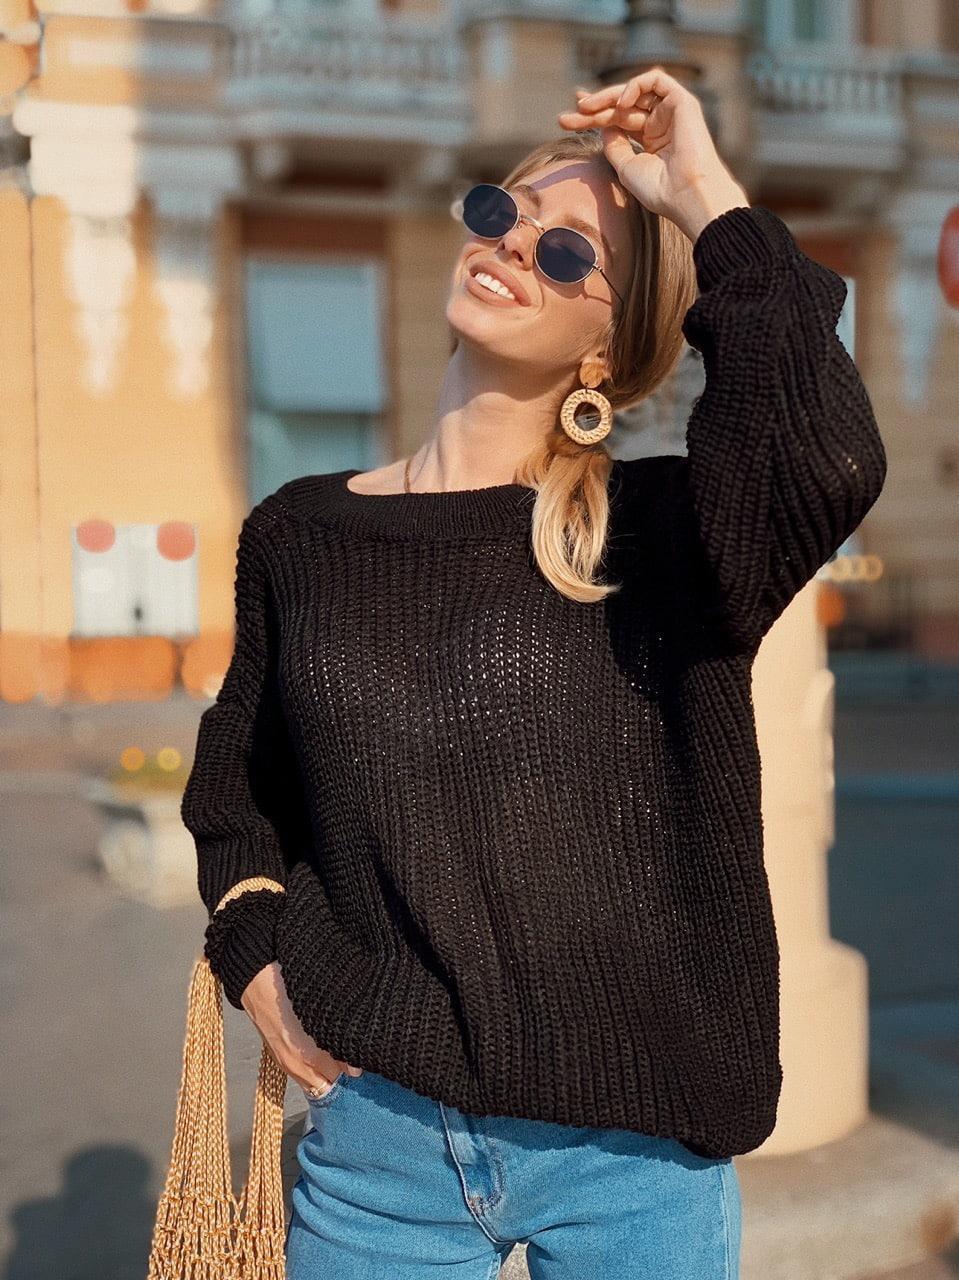 Женский свободный вязаный свитер с вырезом 73ddet644